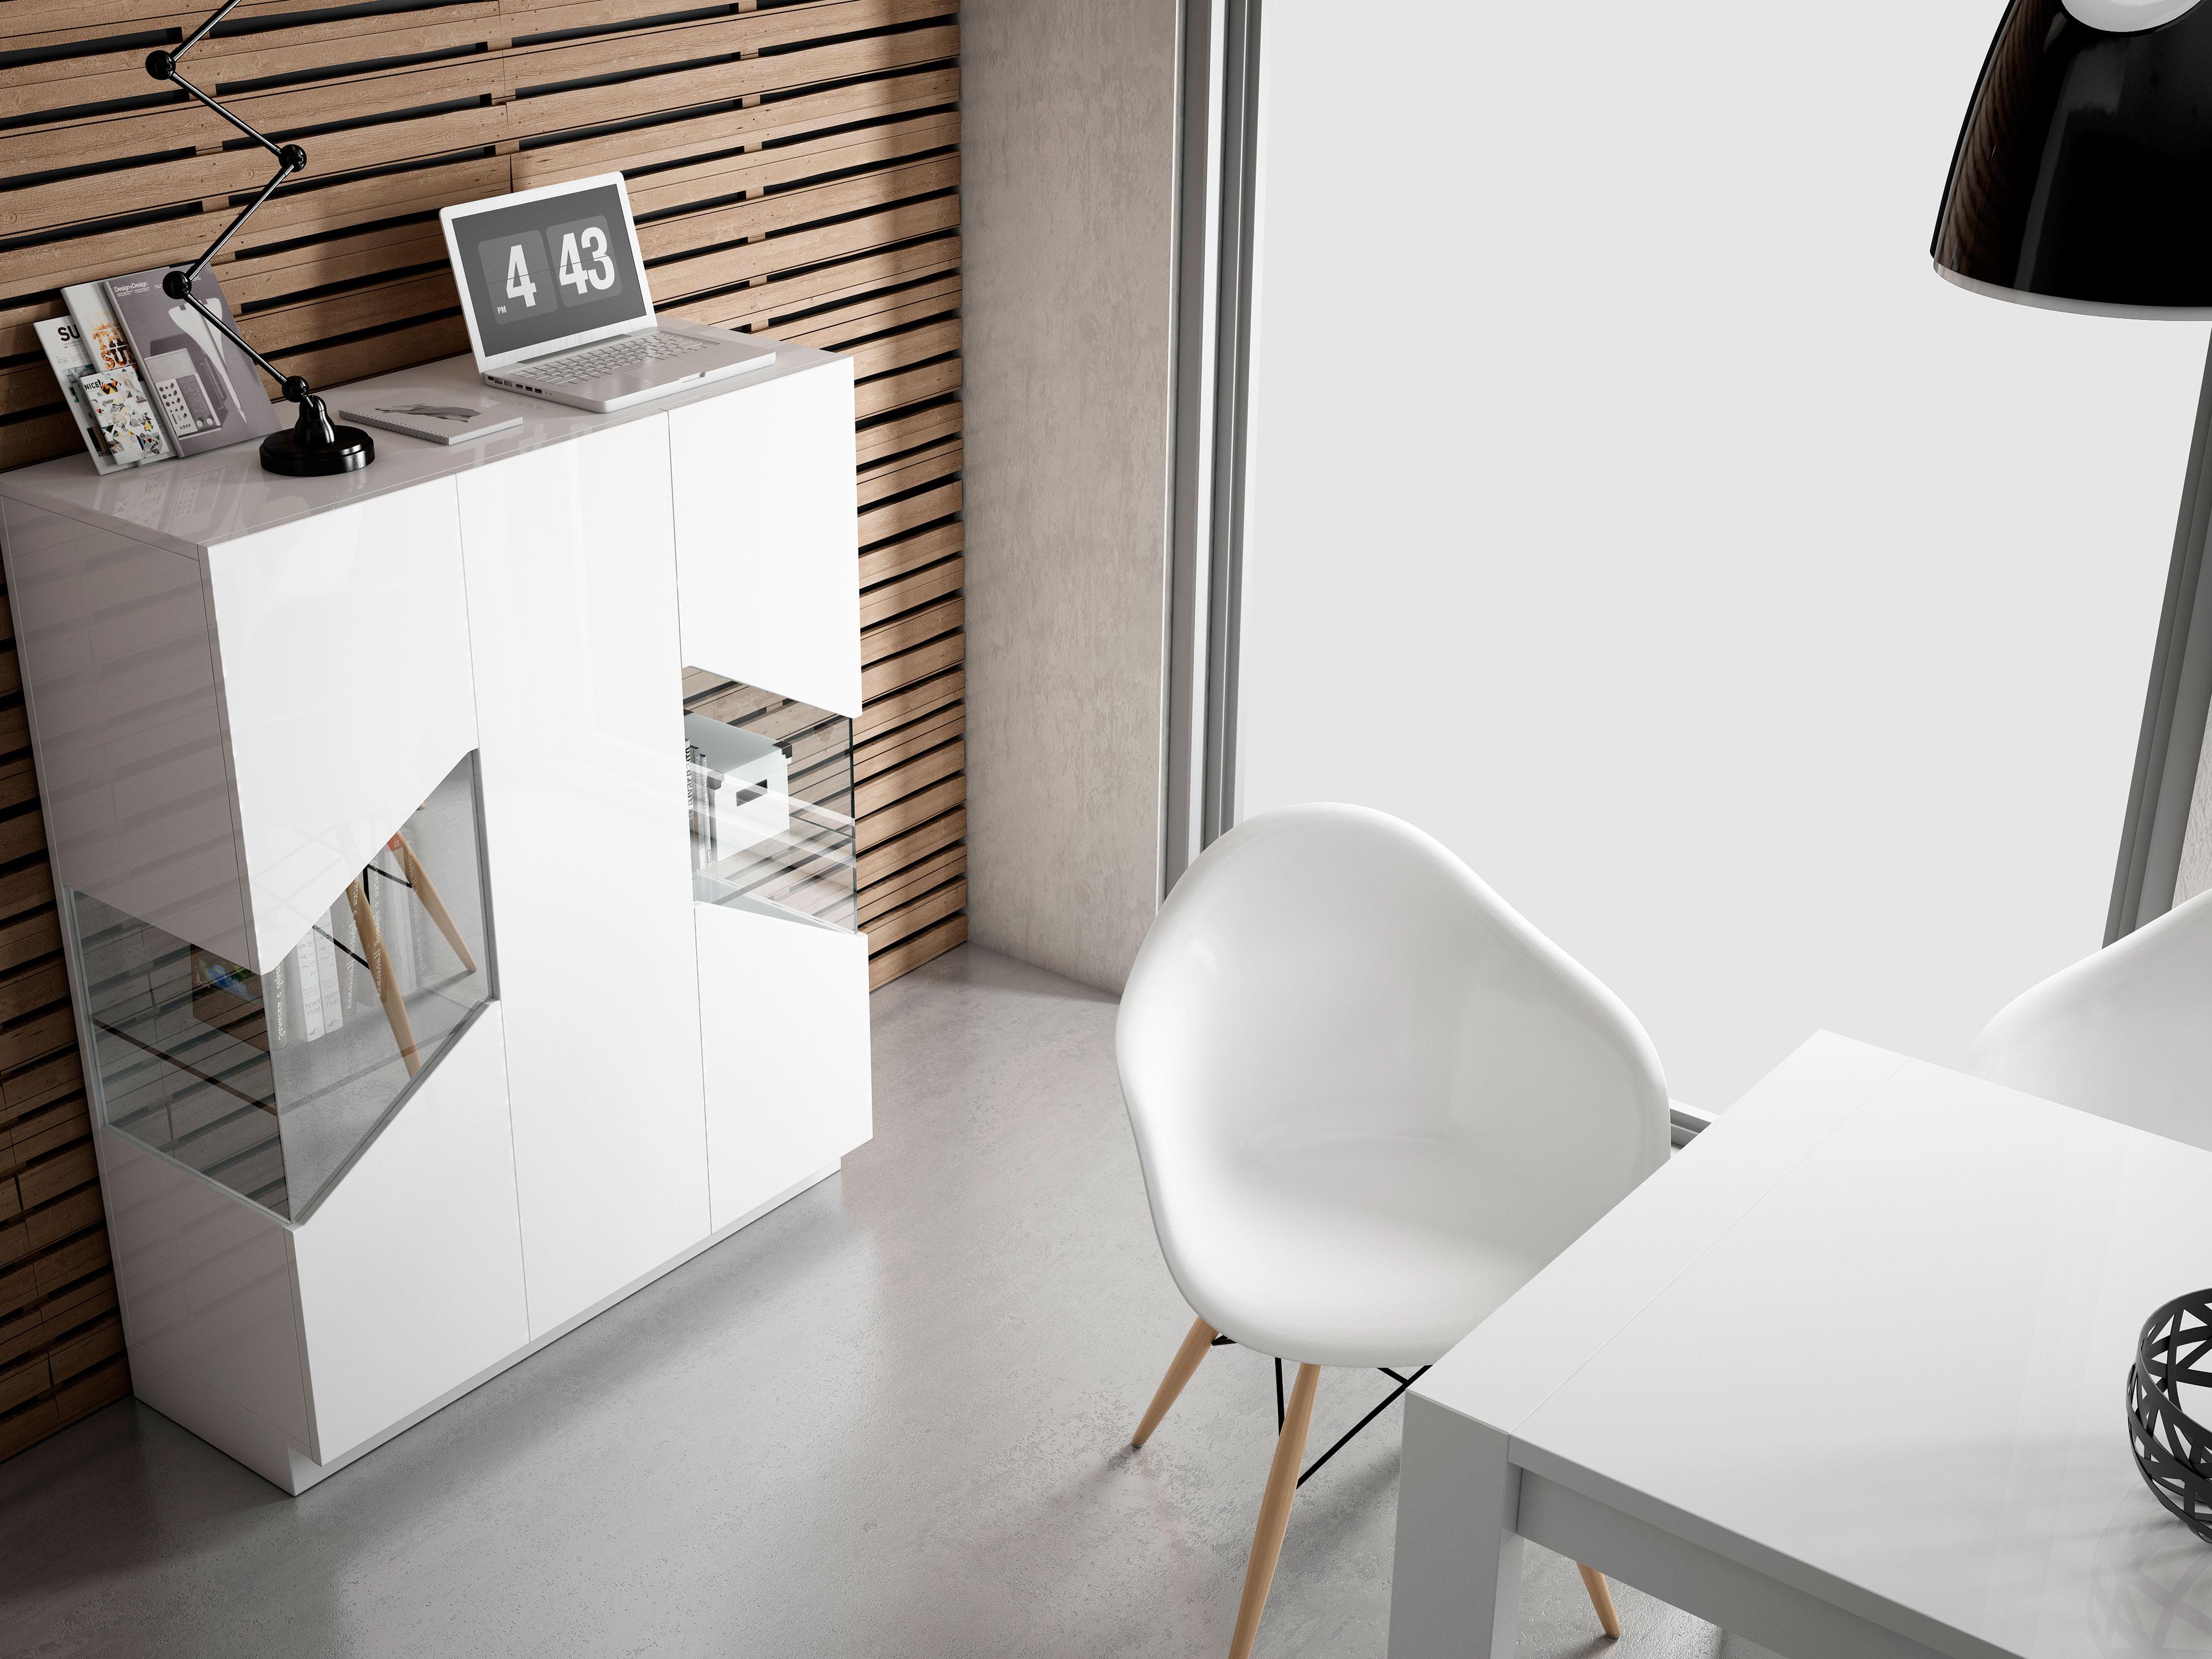 Tendencias decoraci n 2018 muebles canoil - Tendencias en decoracion ...